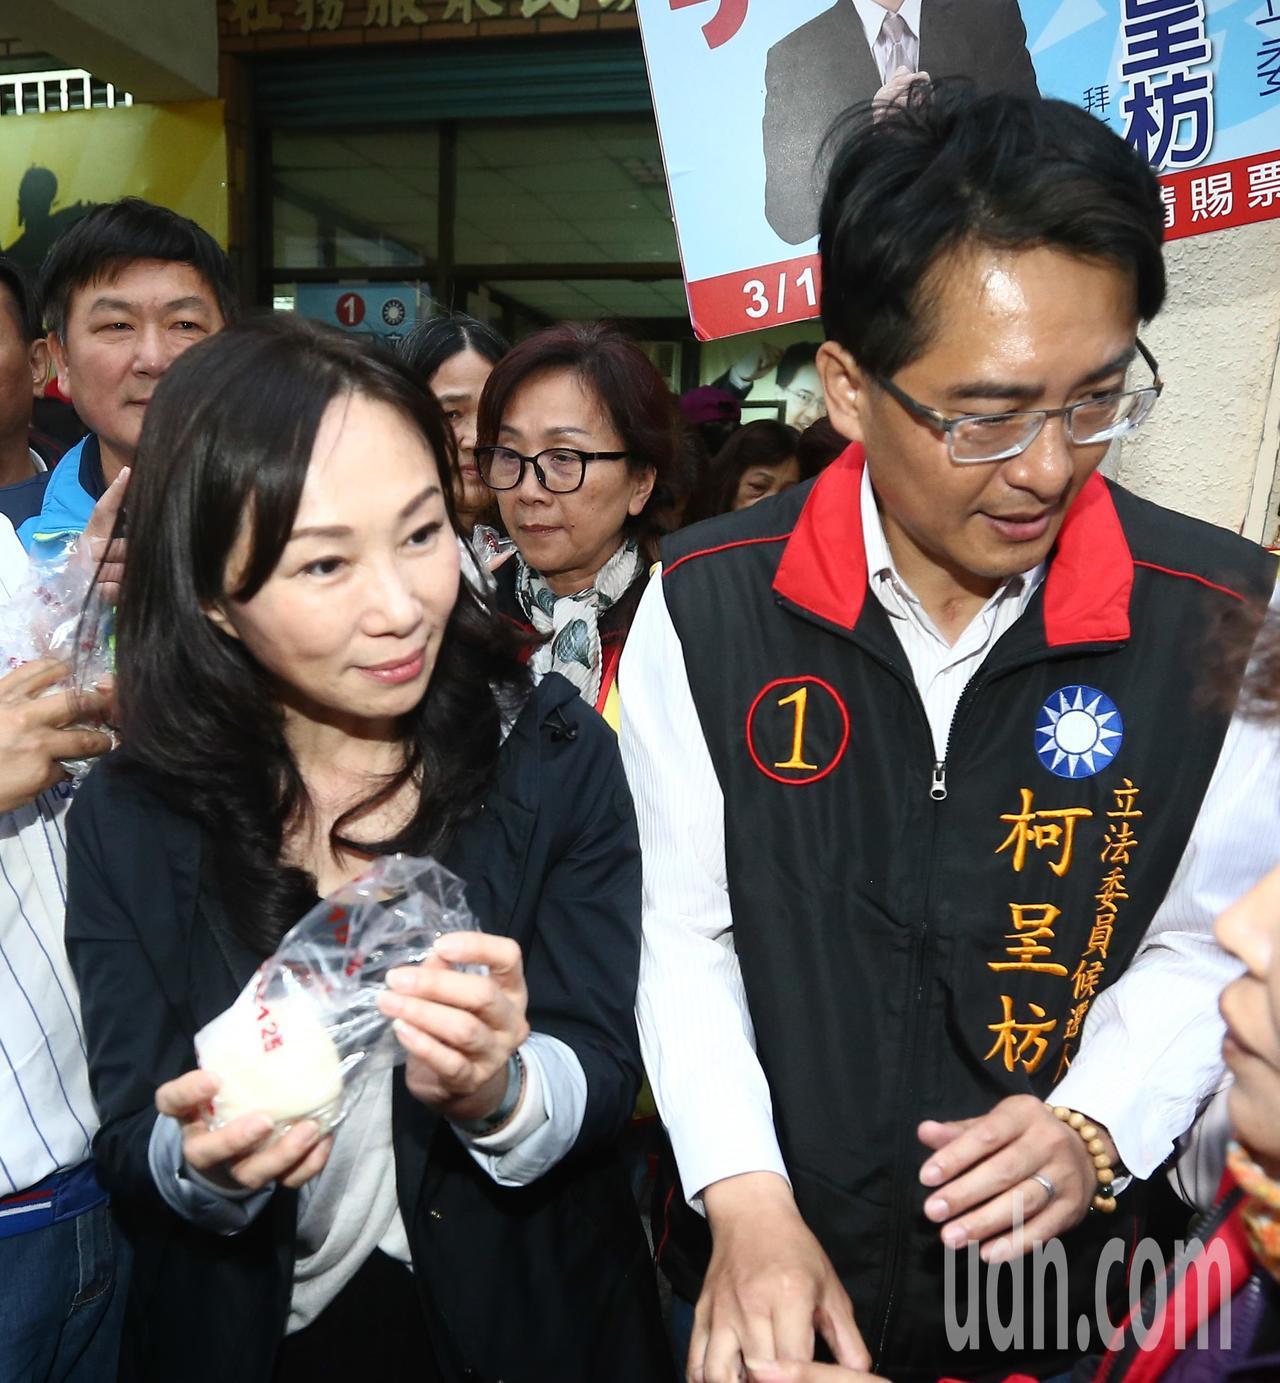 高雄市長韓國瑜夫人李佳芬(左)為國民黨立委補選候選人柯呈枋(右)助選,發放包子給...